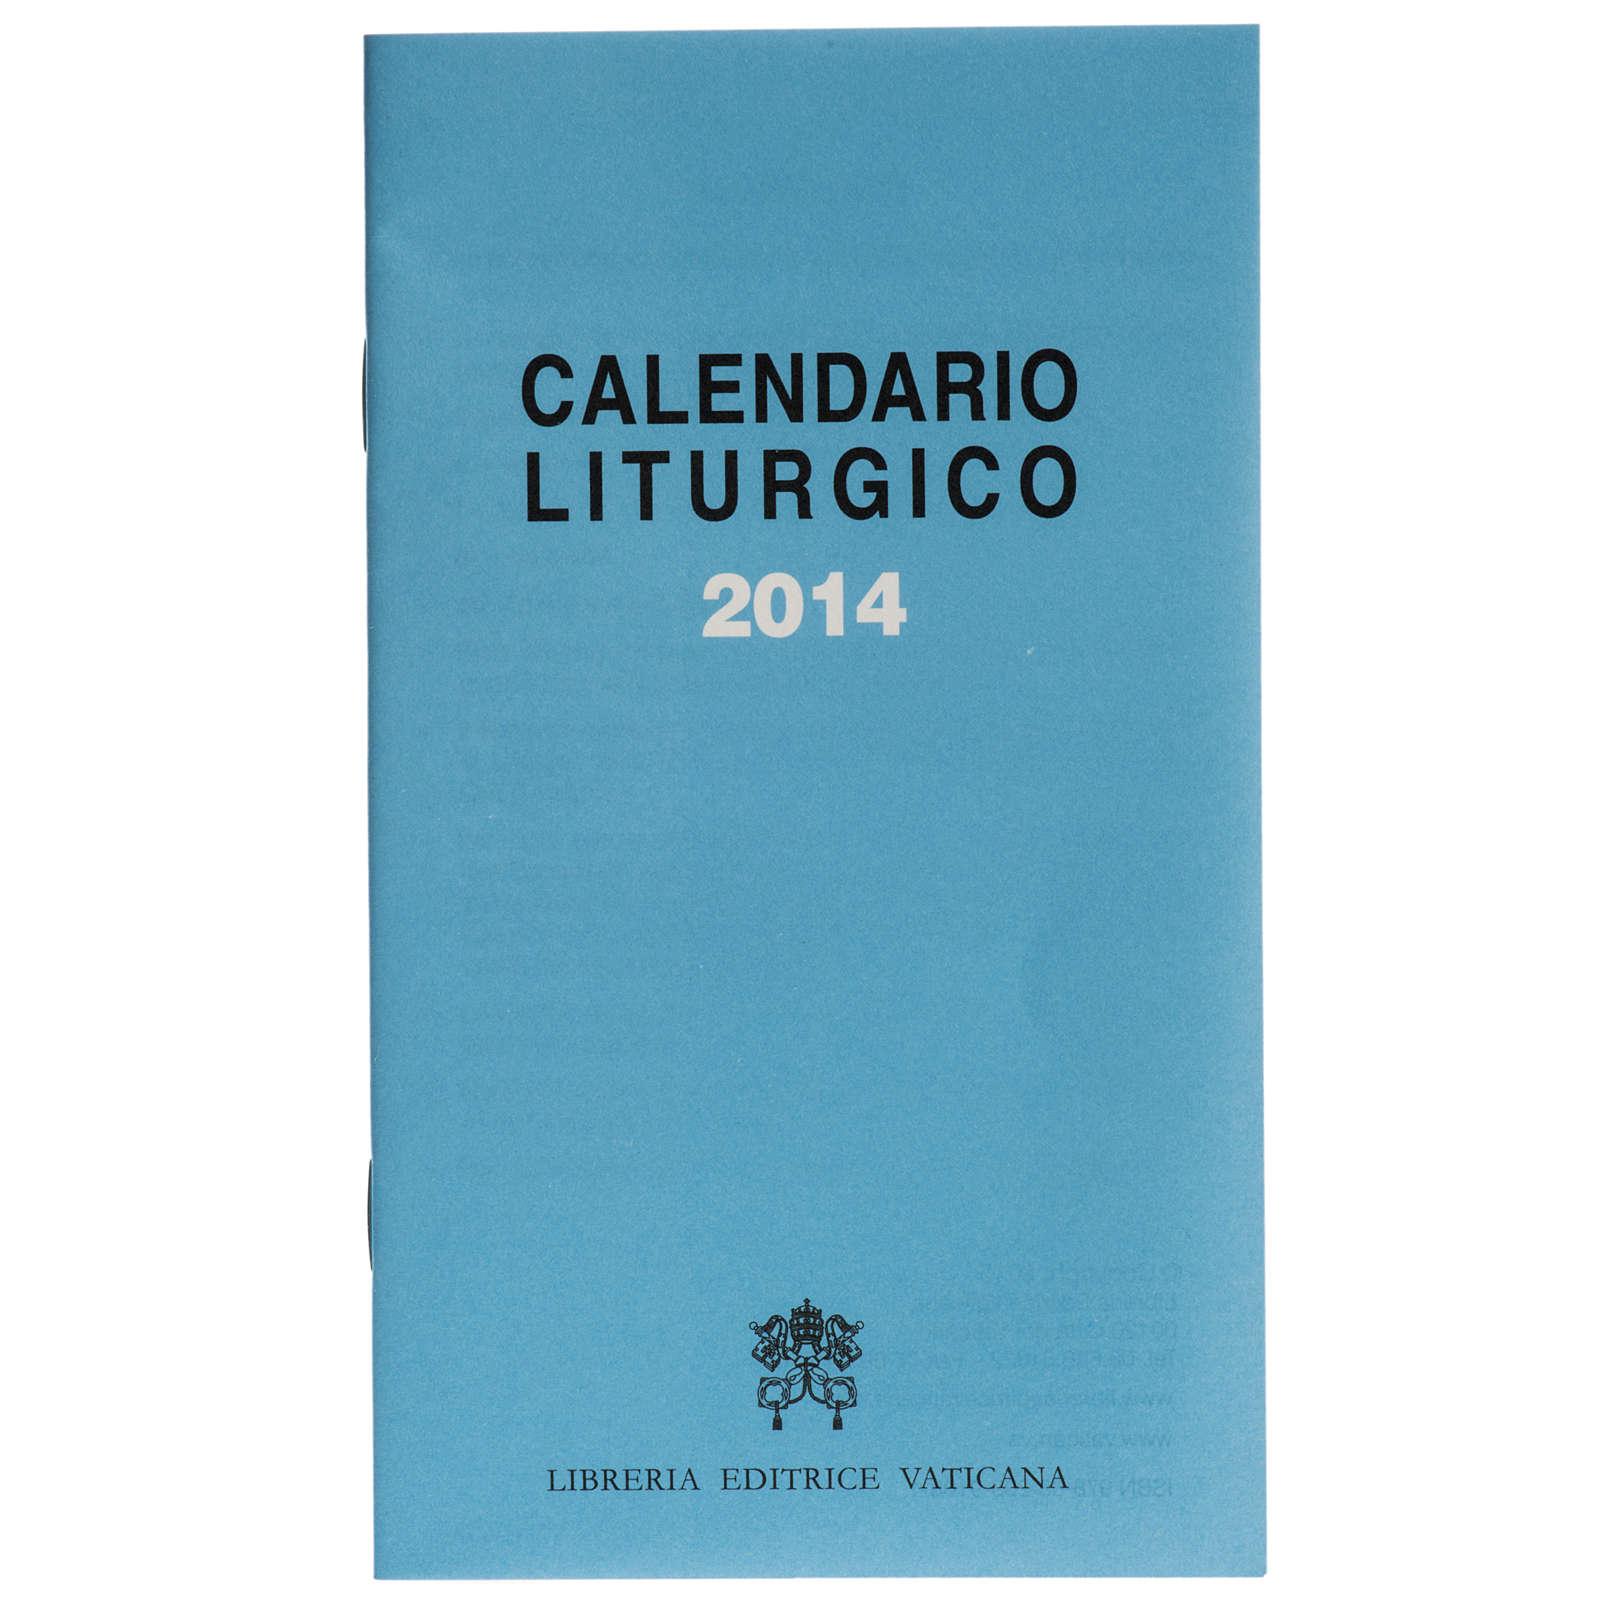 Calendario liturgico 2014 ed. Vaticana 4